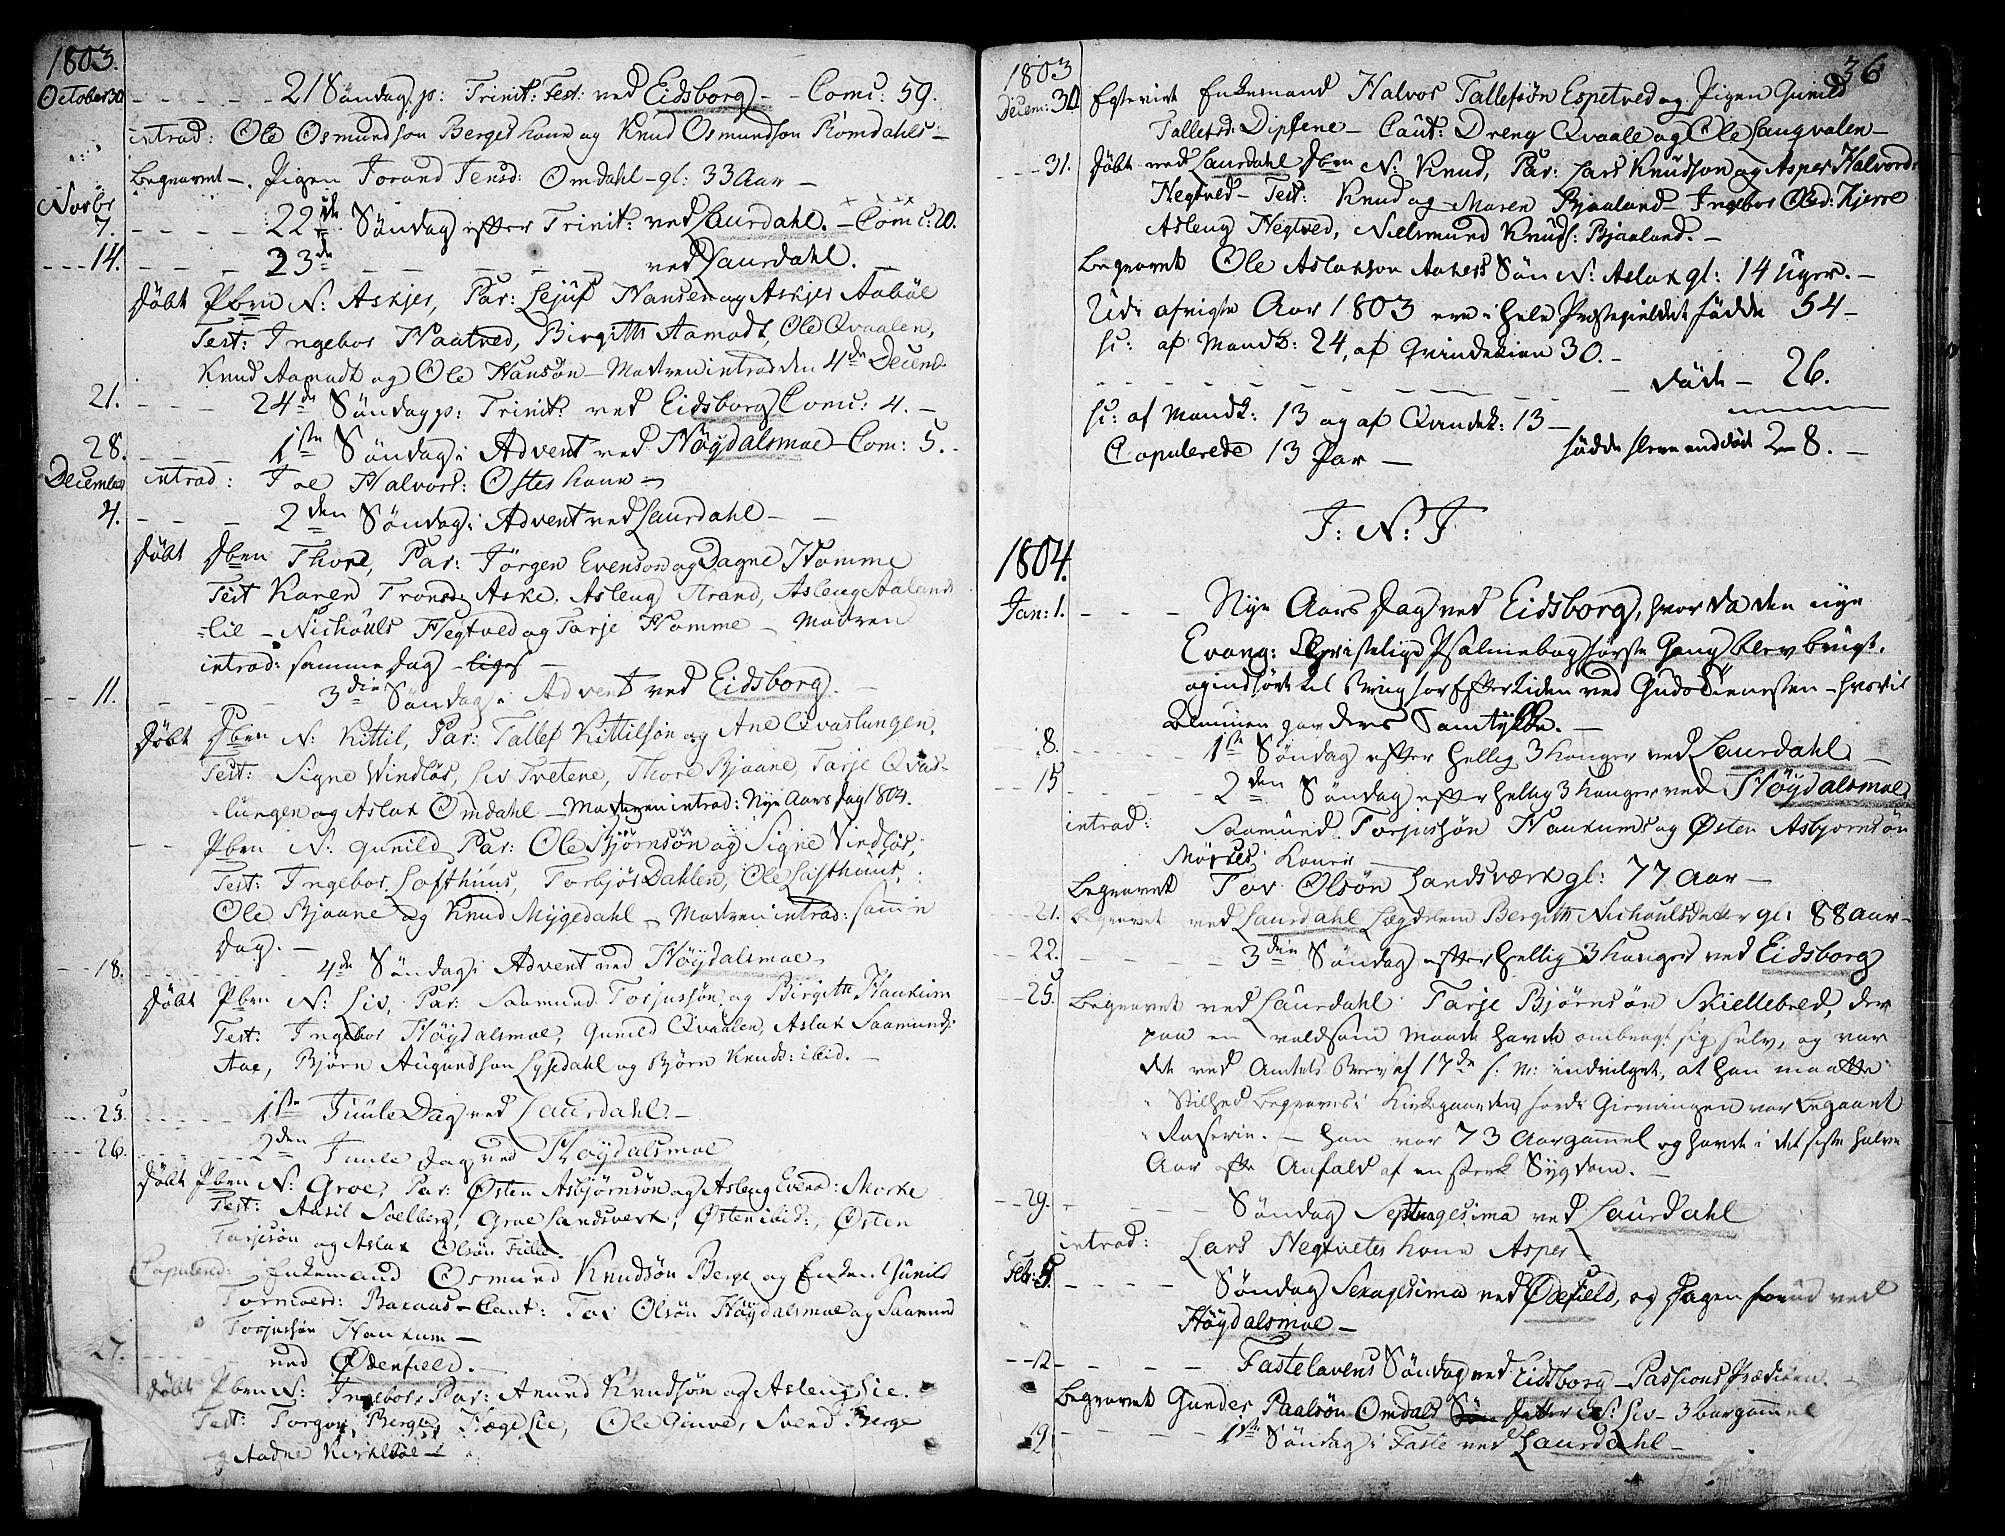 SAKO, Lårdal kirkebøker, F/Fa/L0004: Ministerialbok nr. I 4, 1790-1814, s. 36